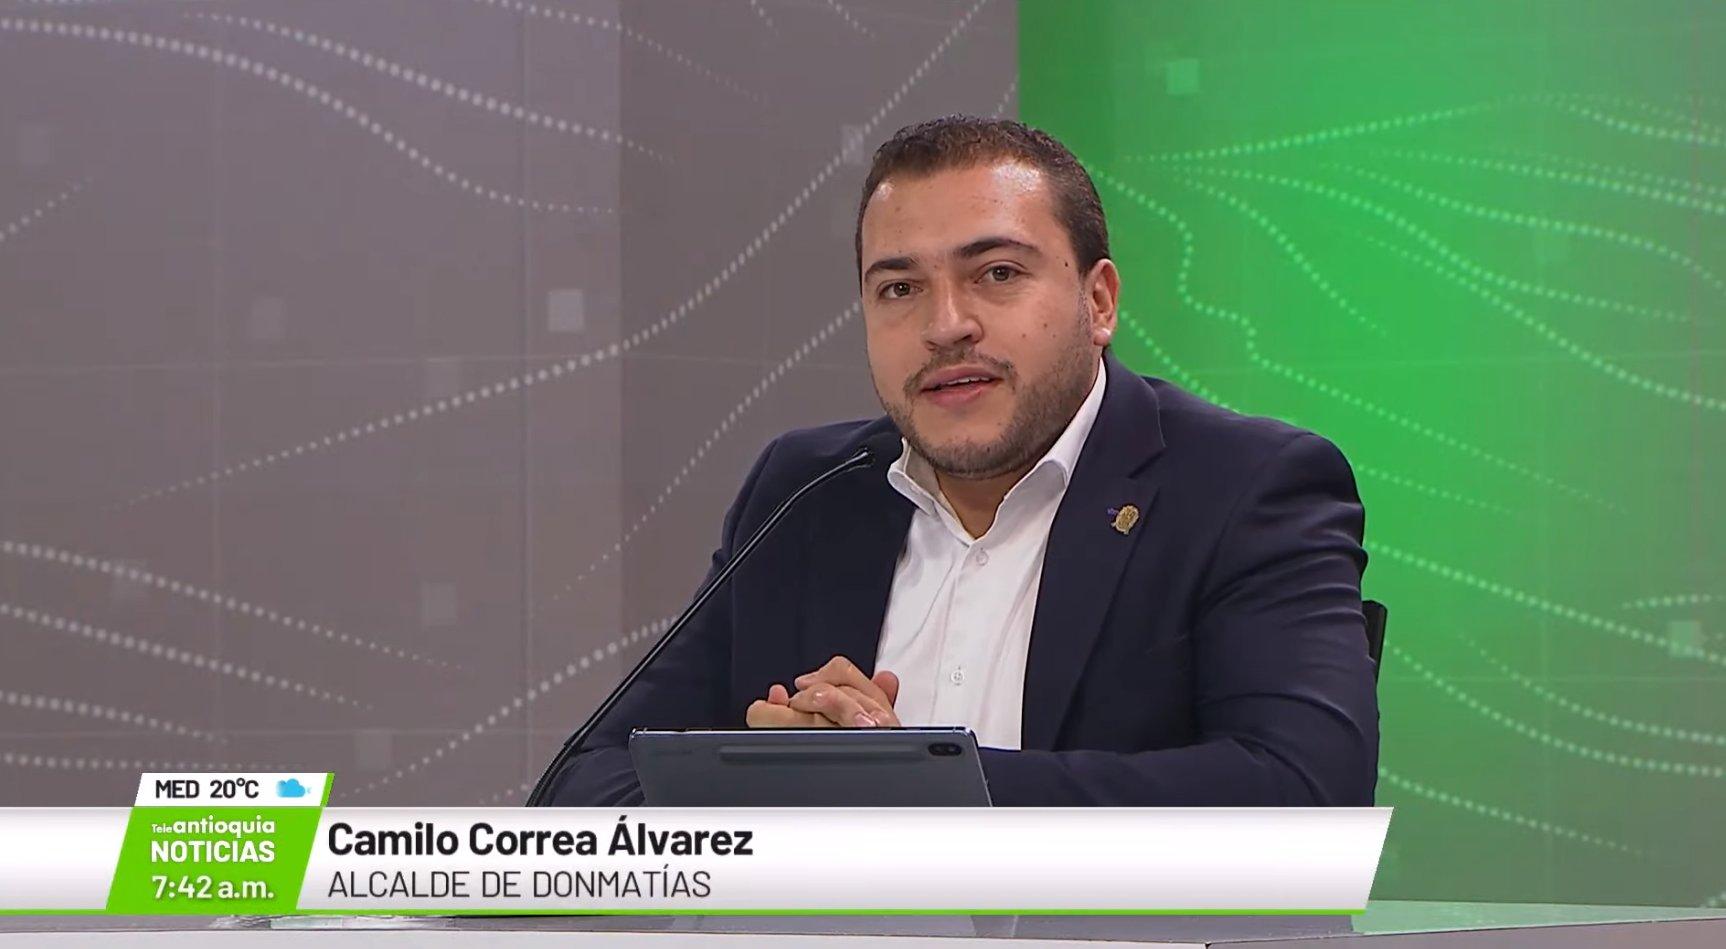 Camilo Correa Álvarez, alcalde de Donmatías